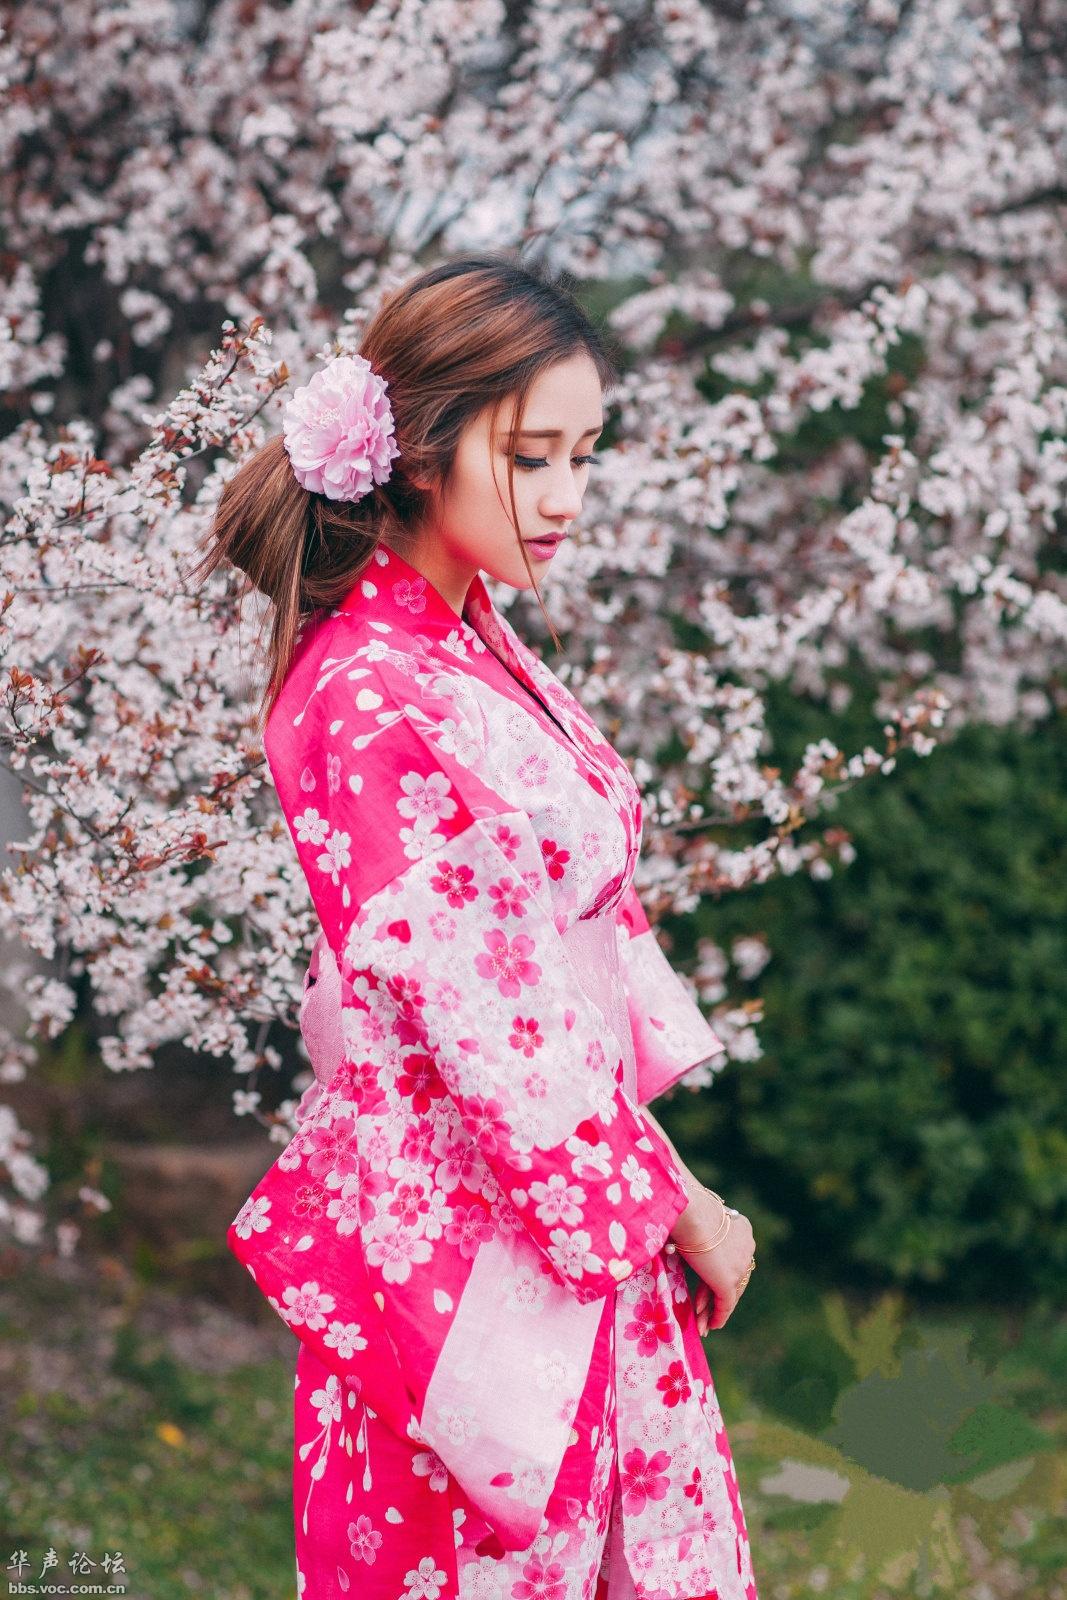 捻一缕雨滴 铺一笺深情话天长【情感美文】 - 花仙子 - 花仙子的博客.